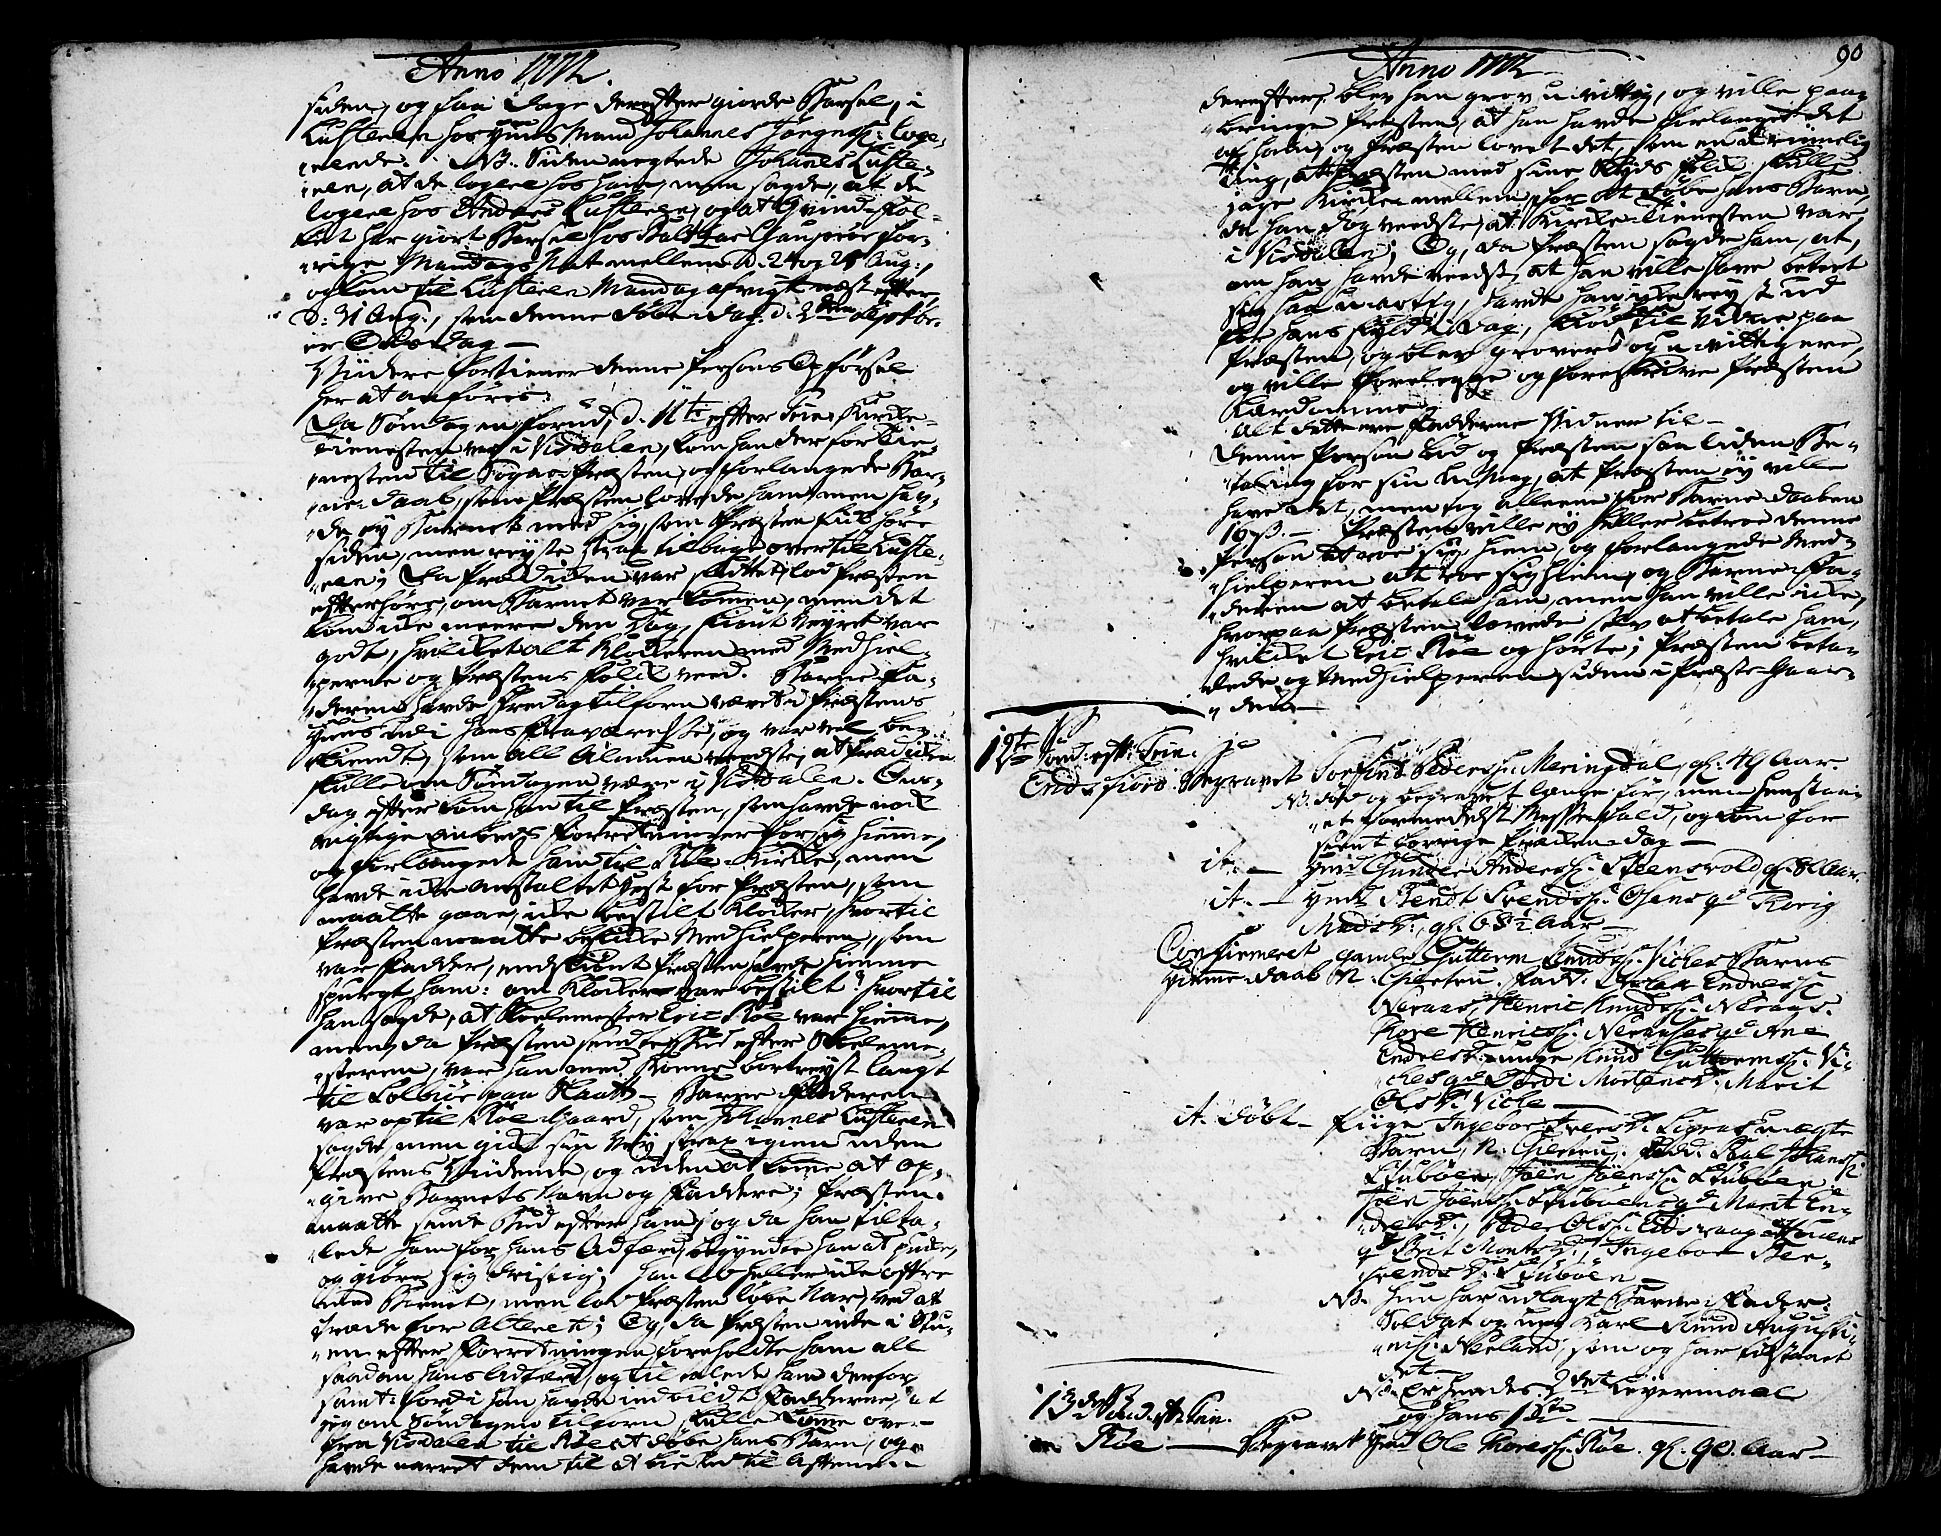 SAT, Ministerialprotokoller, klokkerbøker og fødselsregistre - Møre og Romsdal, 551/L0621: Ministerialbok nr. 551A01, 1757-1803, s. 90